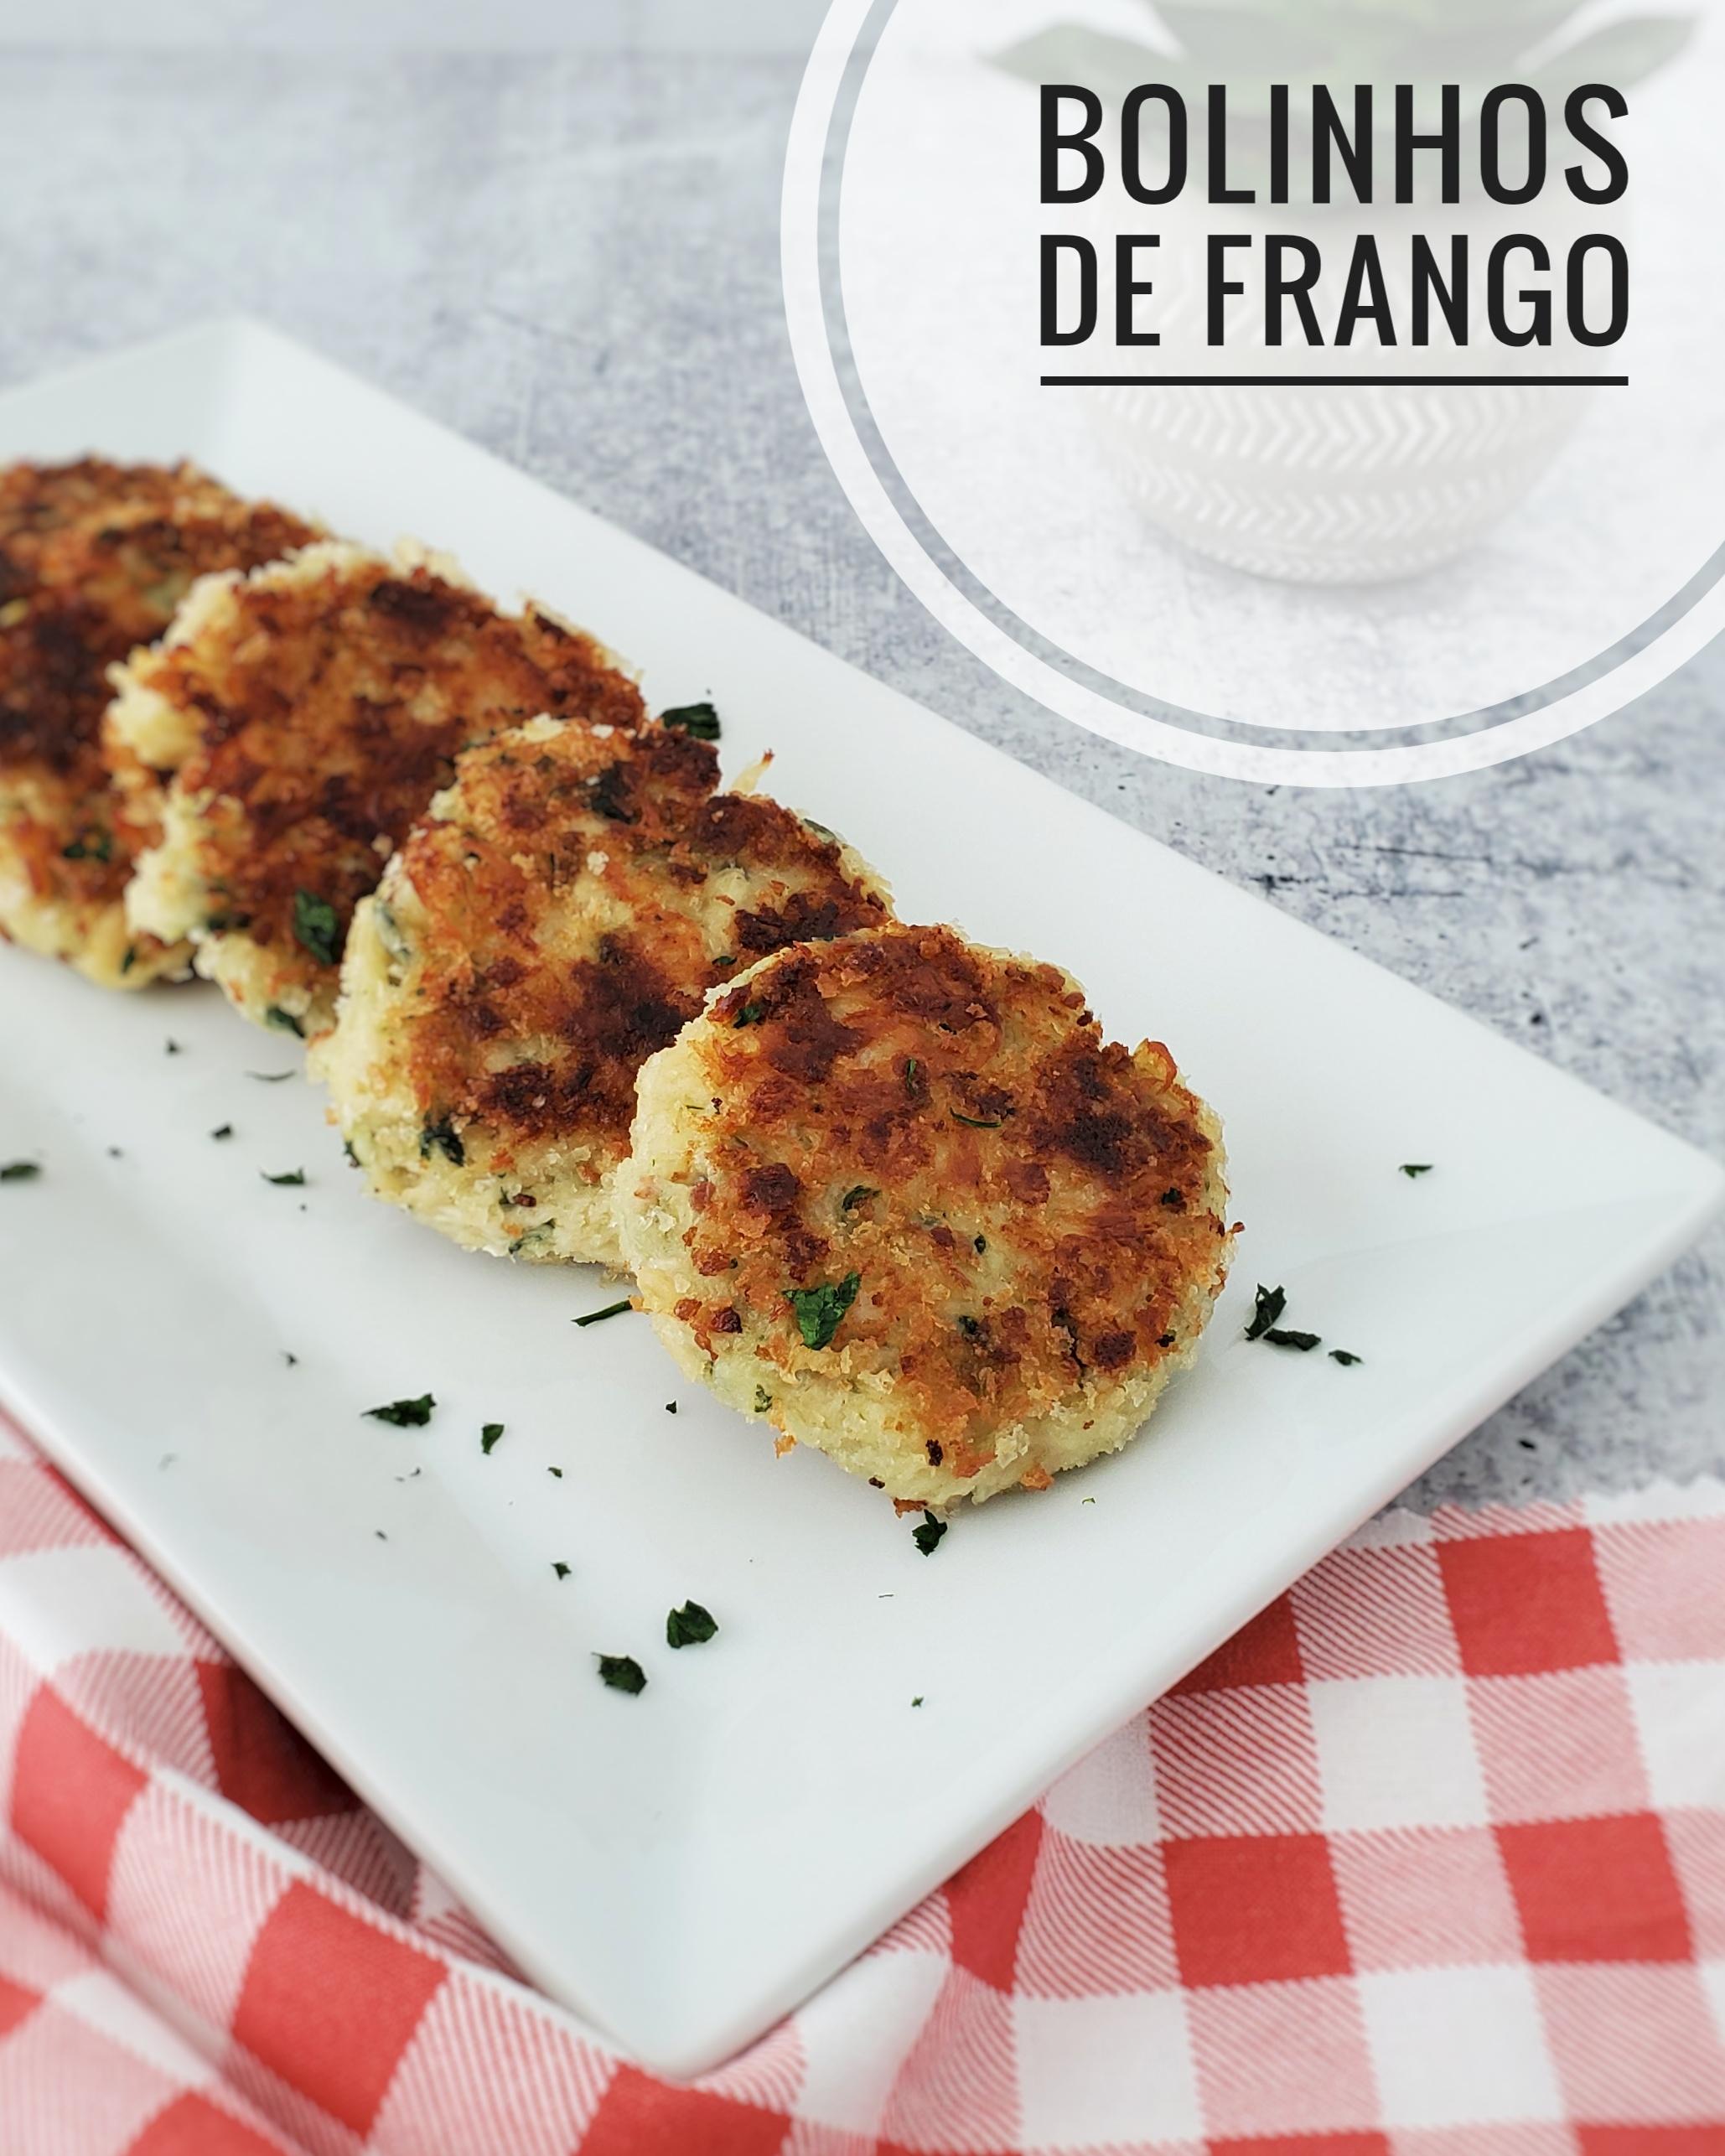 Bolinhos de Frango